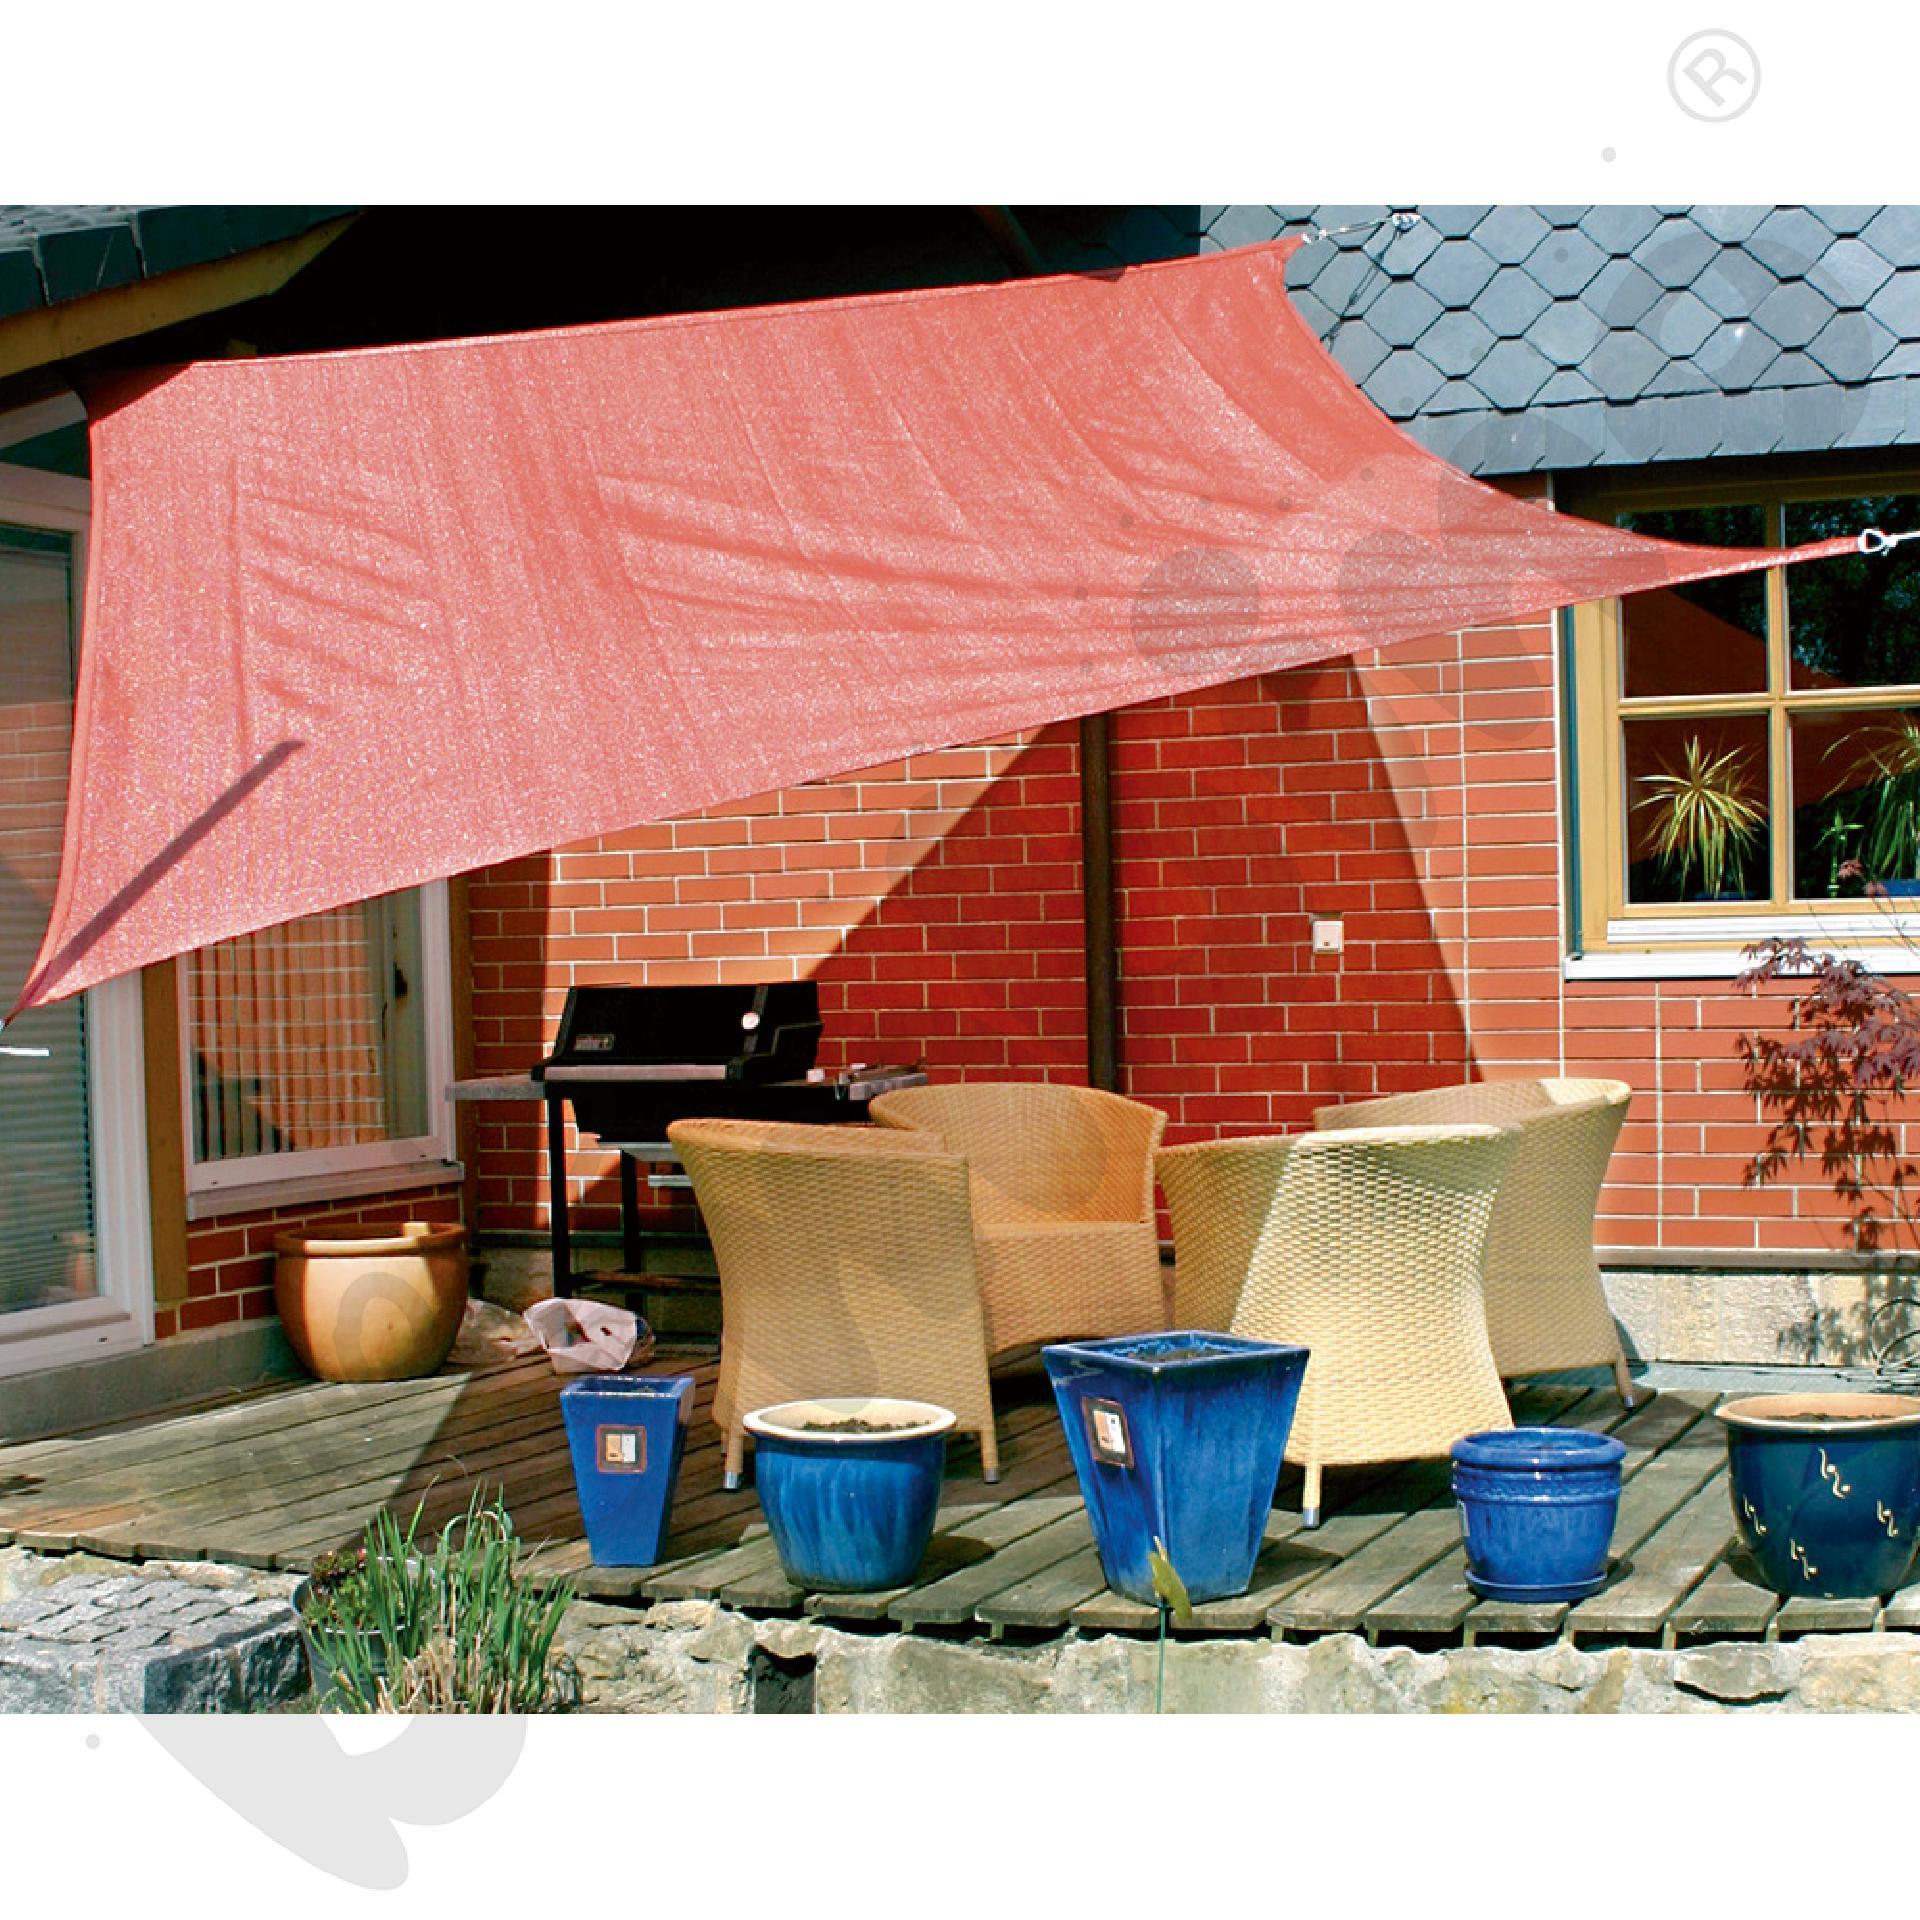 Materiałowy dach ochronny 4 x 6 m ceglasty